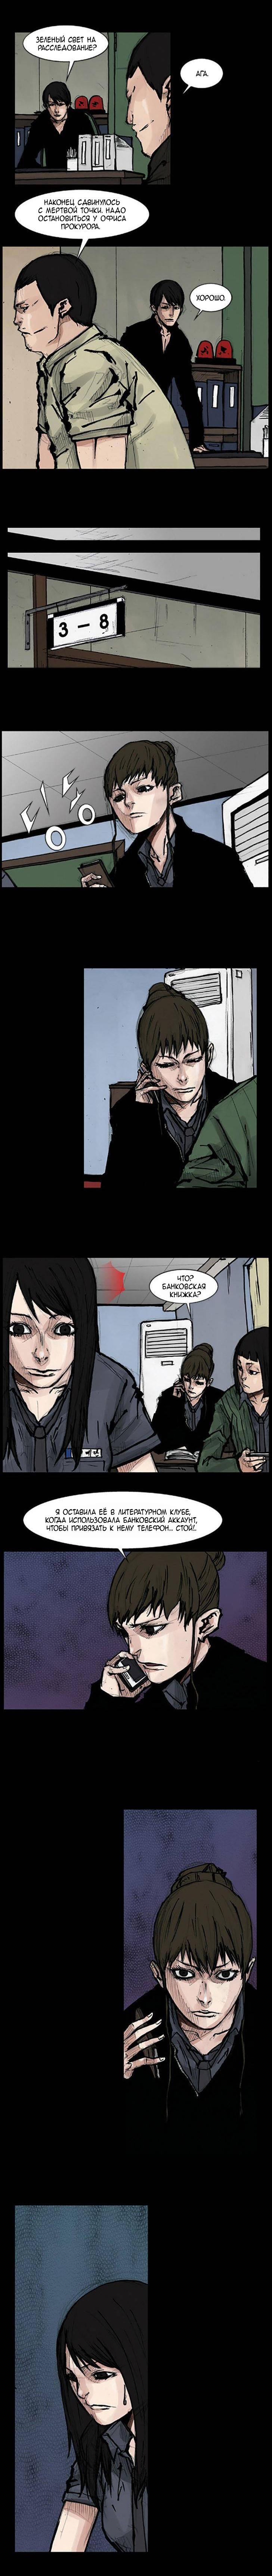 Манга Токко / Dokgo - Том 1 Глава 70 Страница 8